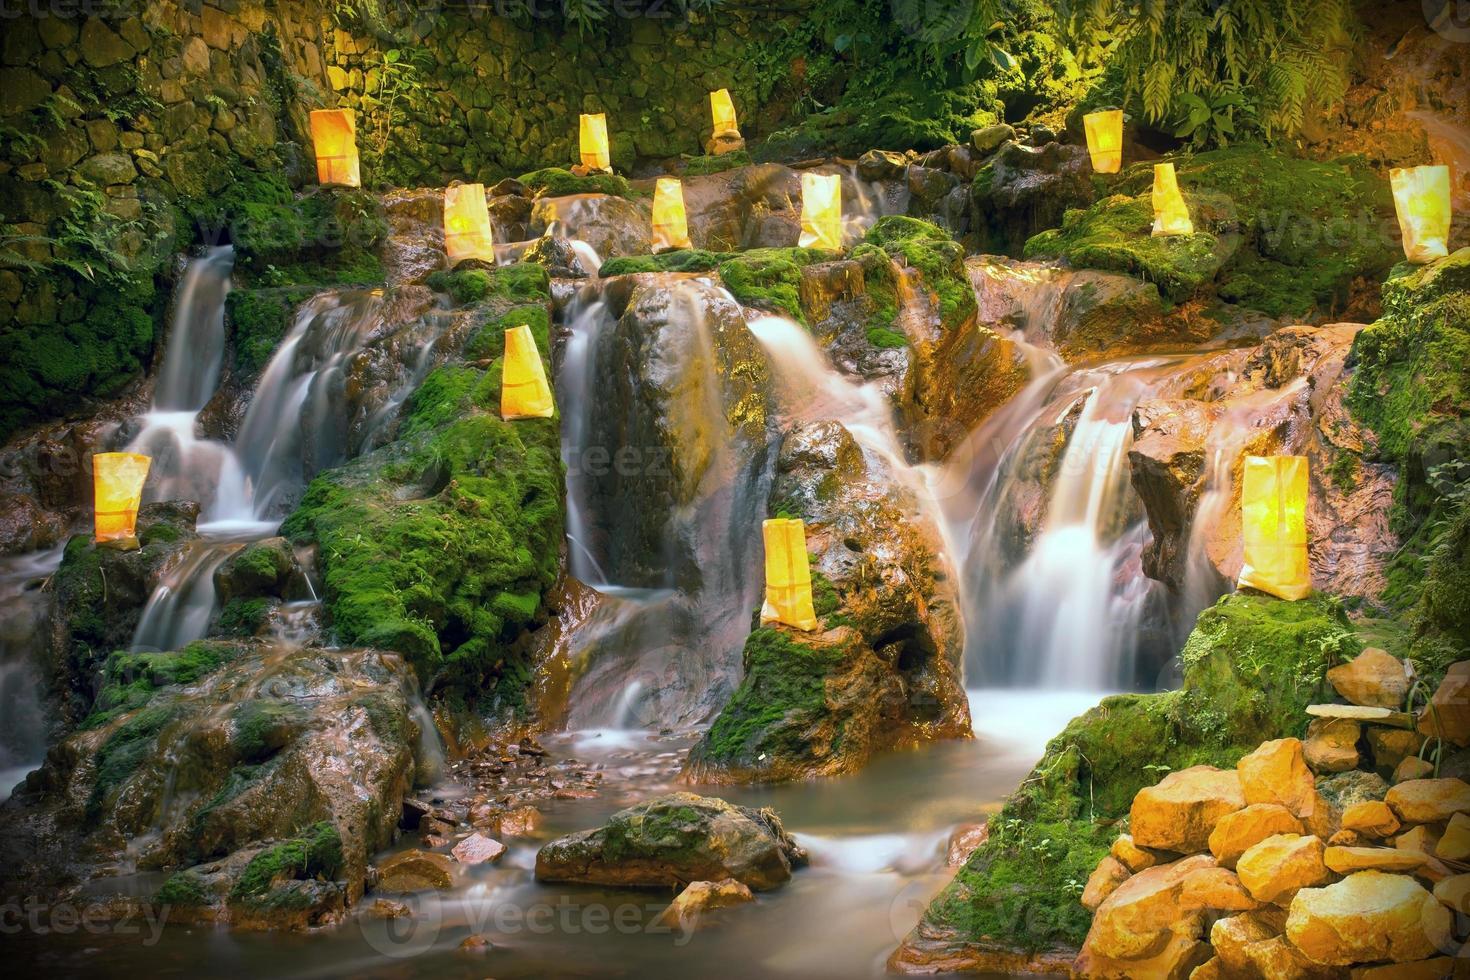 natura con una cascata che sembra rilex, confortevole e rinfrescante foto